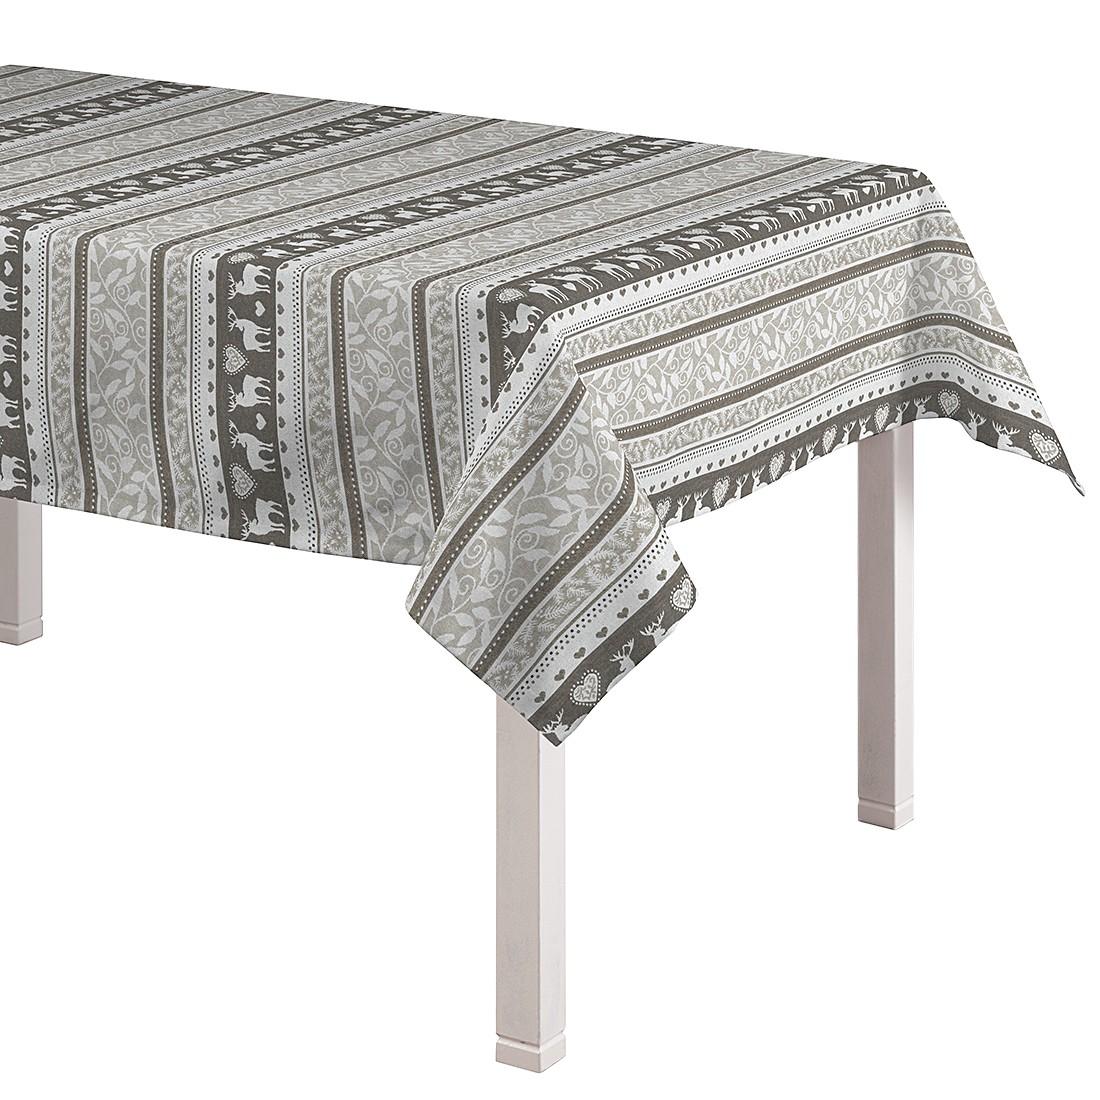 Tischdecke Rentiere – Grau / Grün – 130 x 250 cm, Dekoria online bestellen